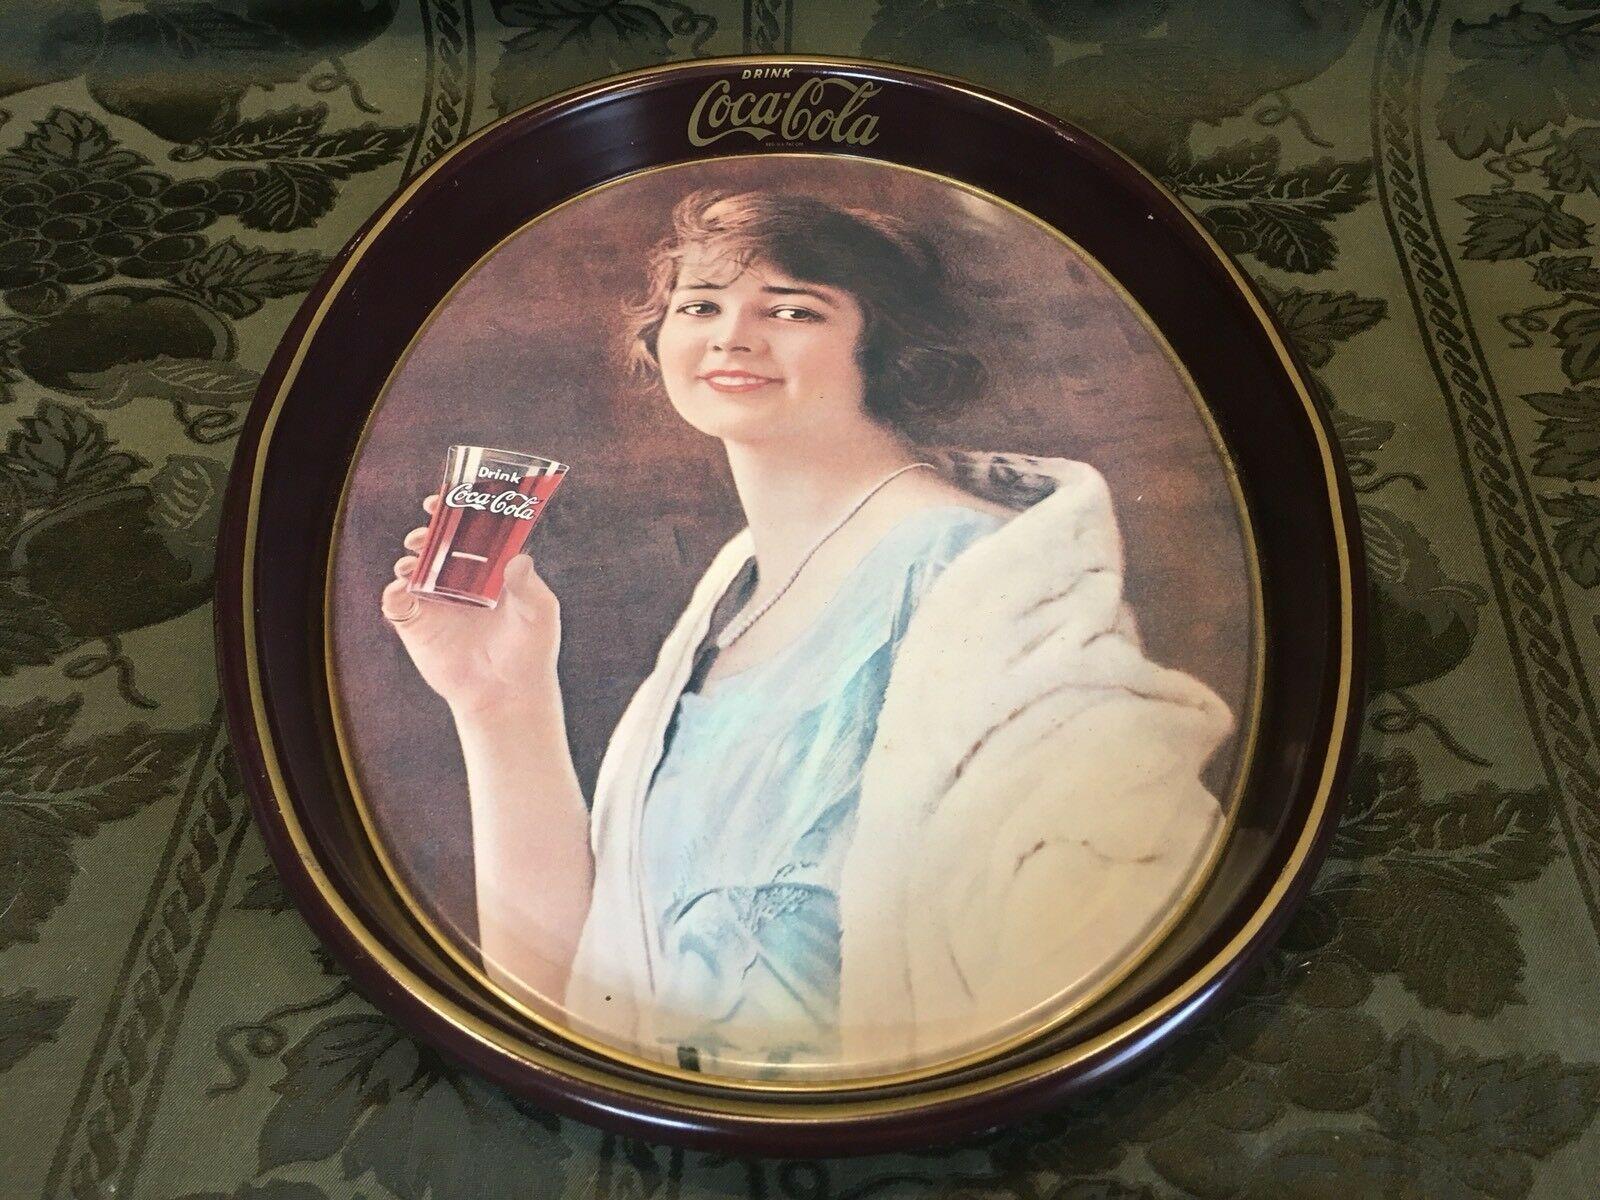 Vintage Coca Cola Collectible Metal Restaurant Serving Drink Tray 1983 Retro USA - $13.71